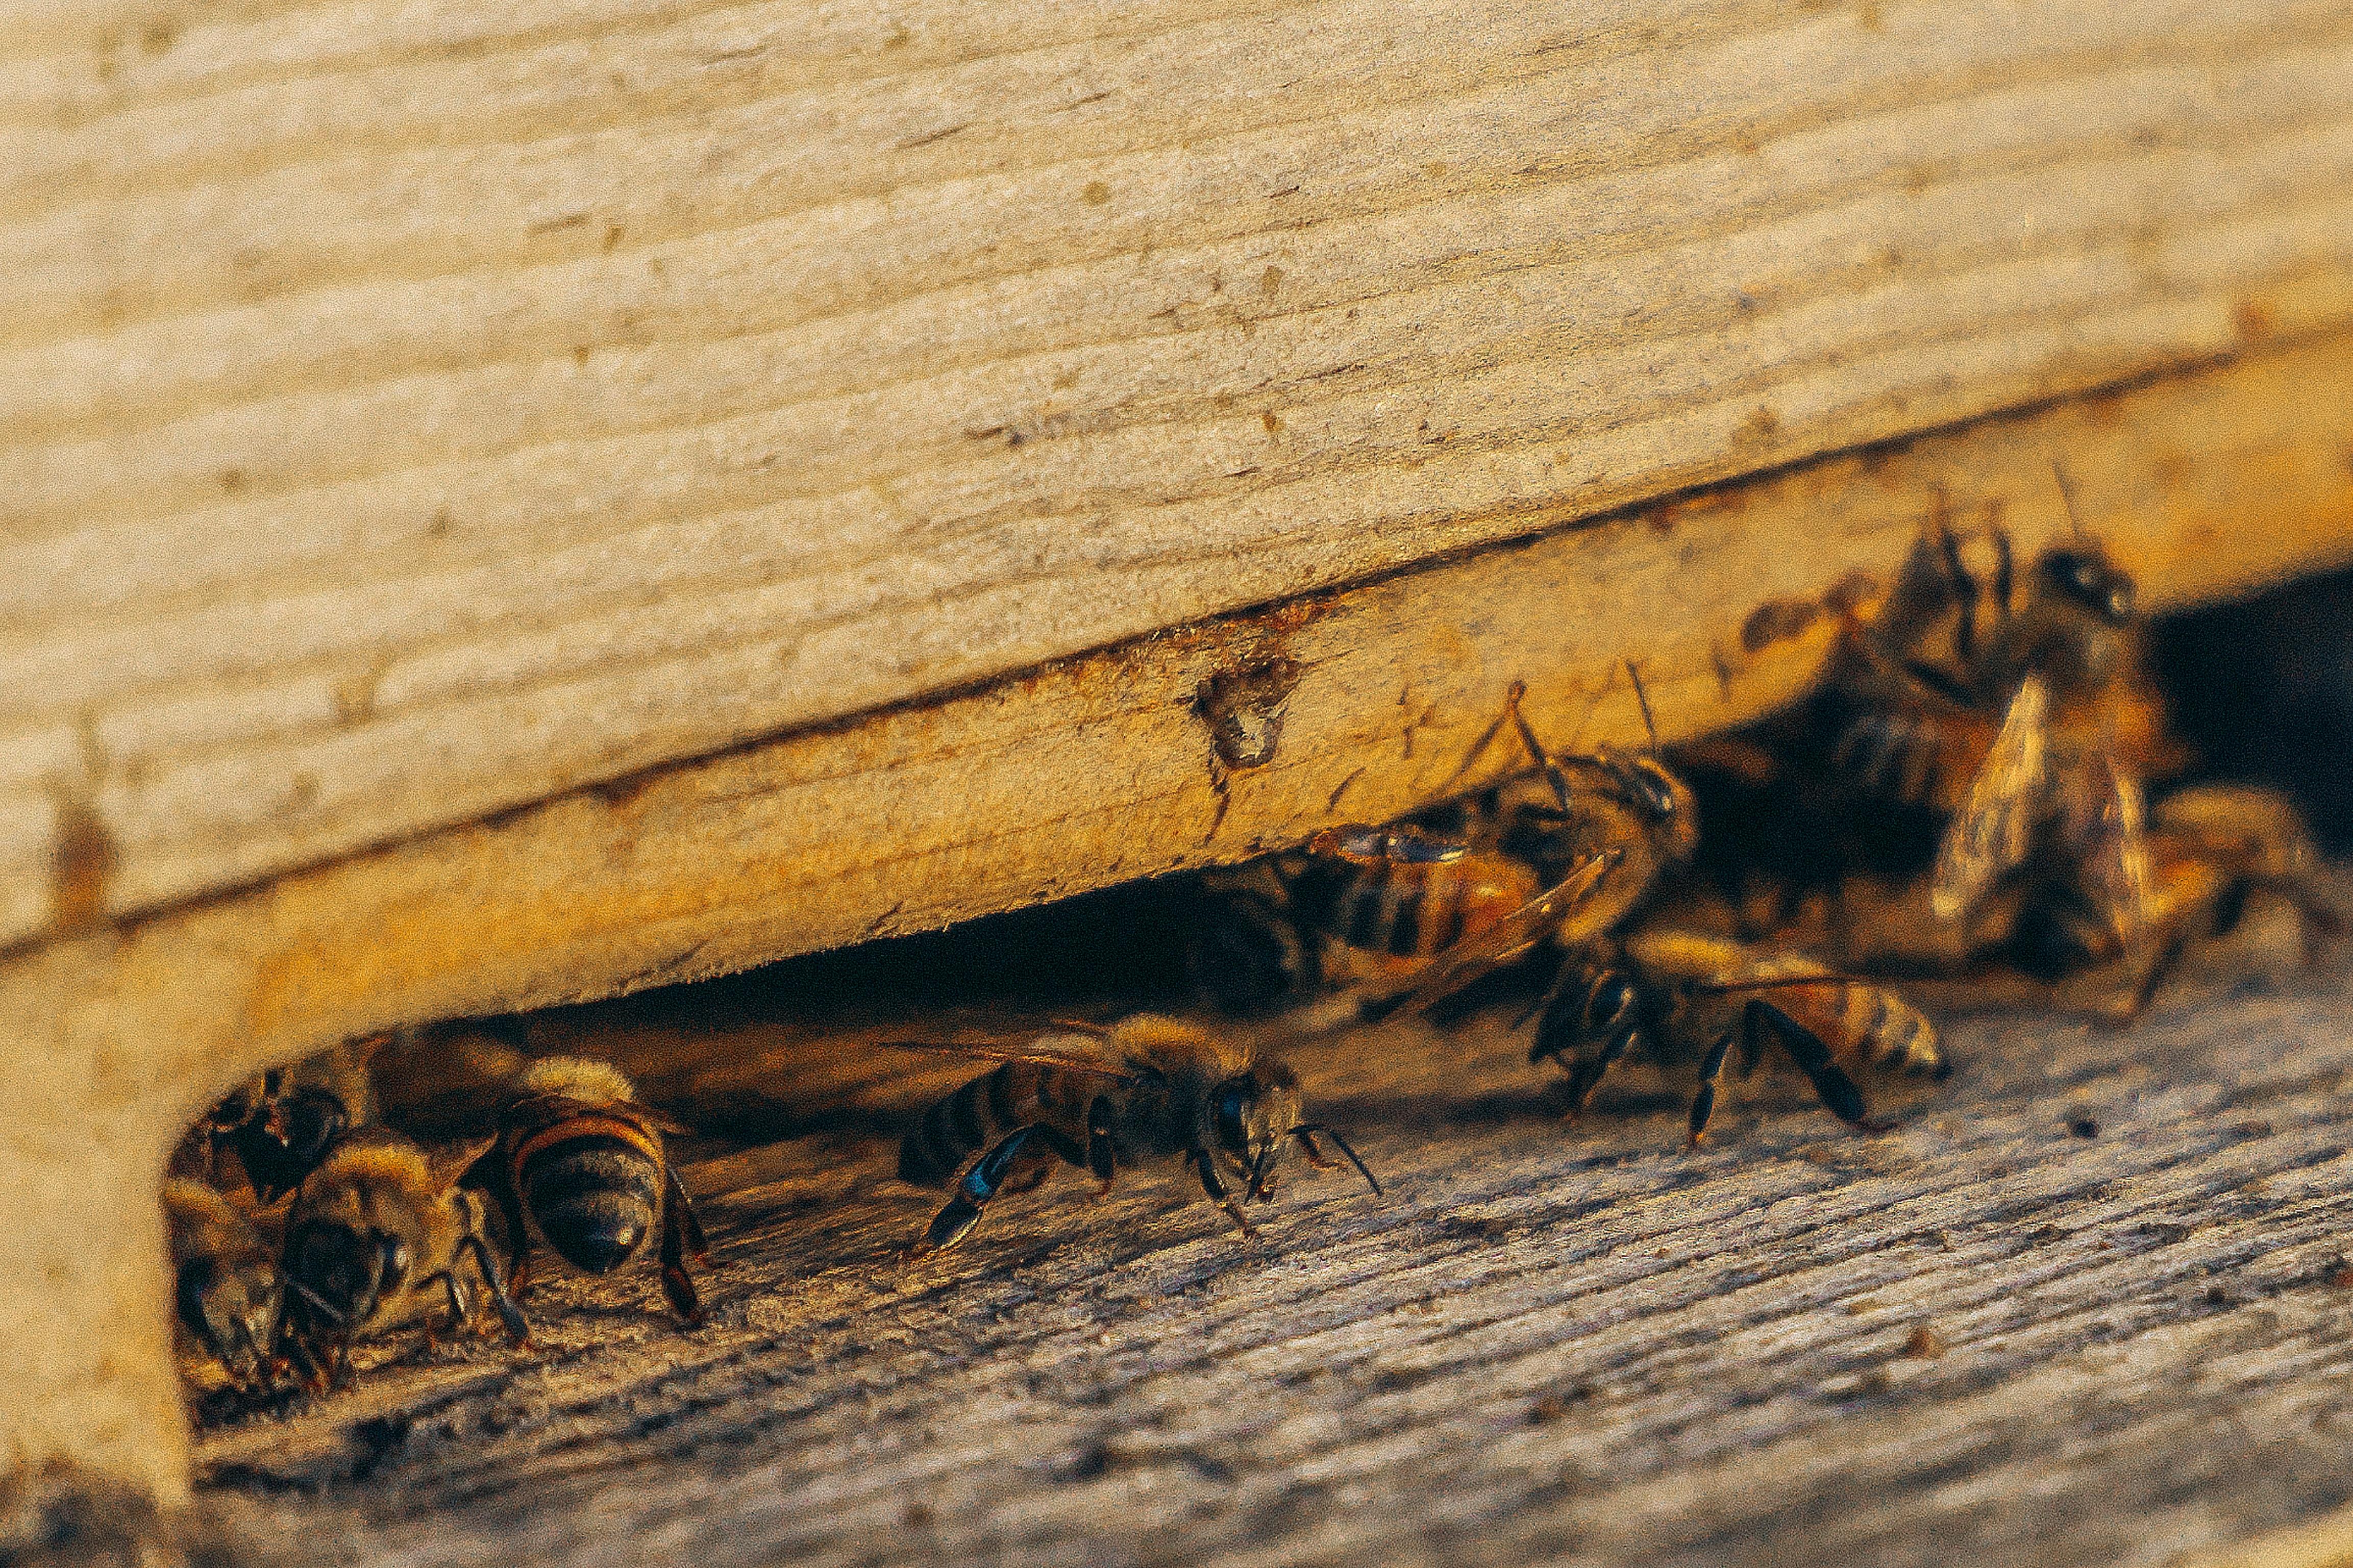 Bees crawling underneath a door